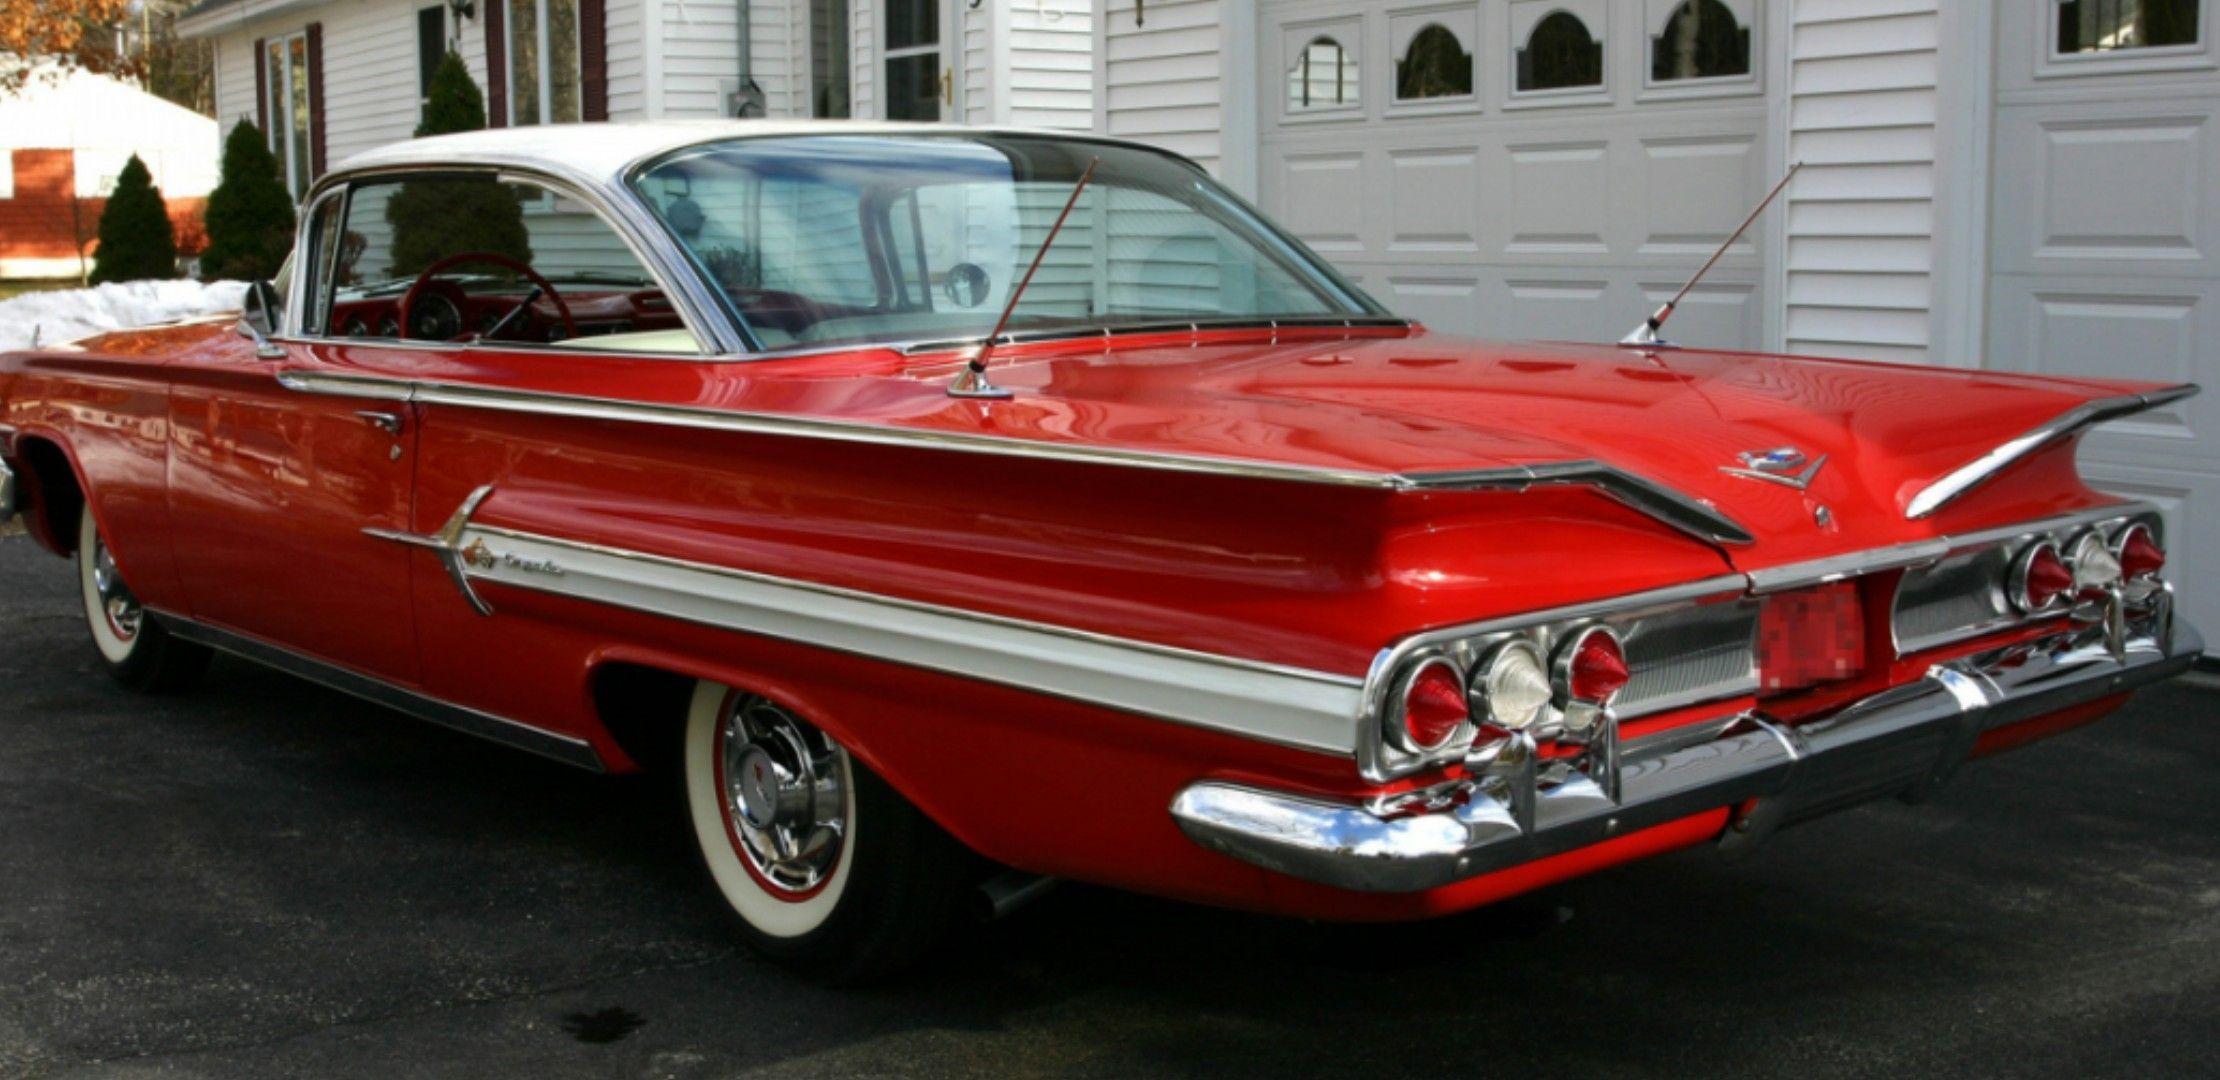 Kekurangan Impala 60 Top Model Tahun Ini